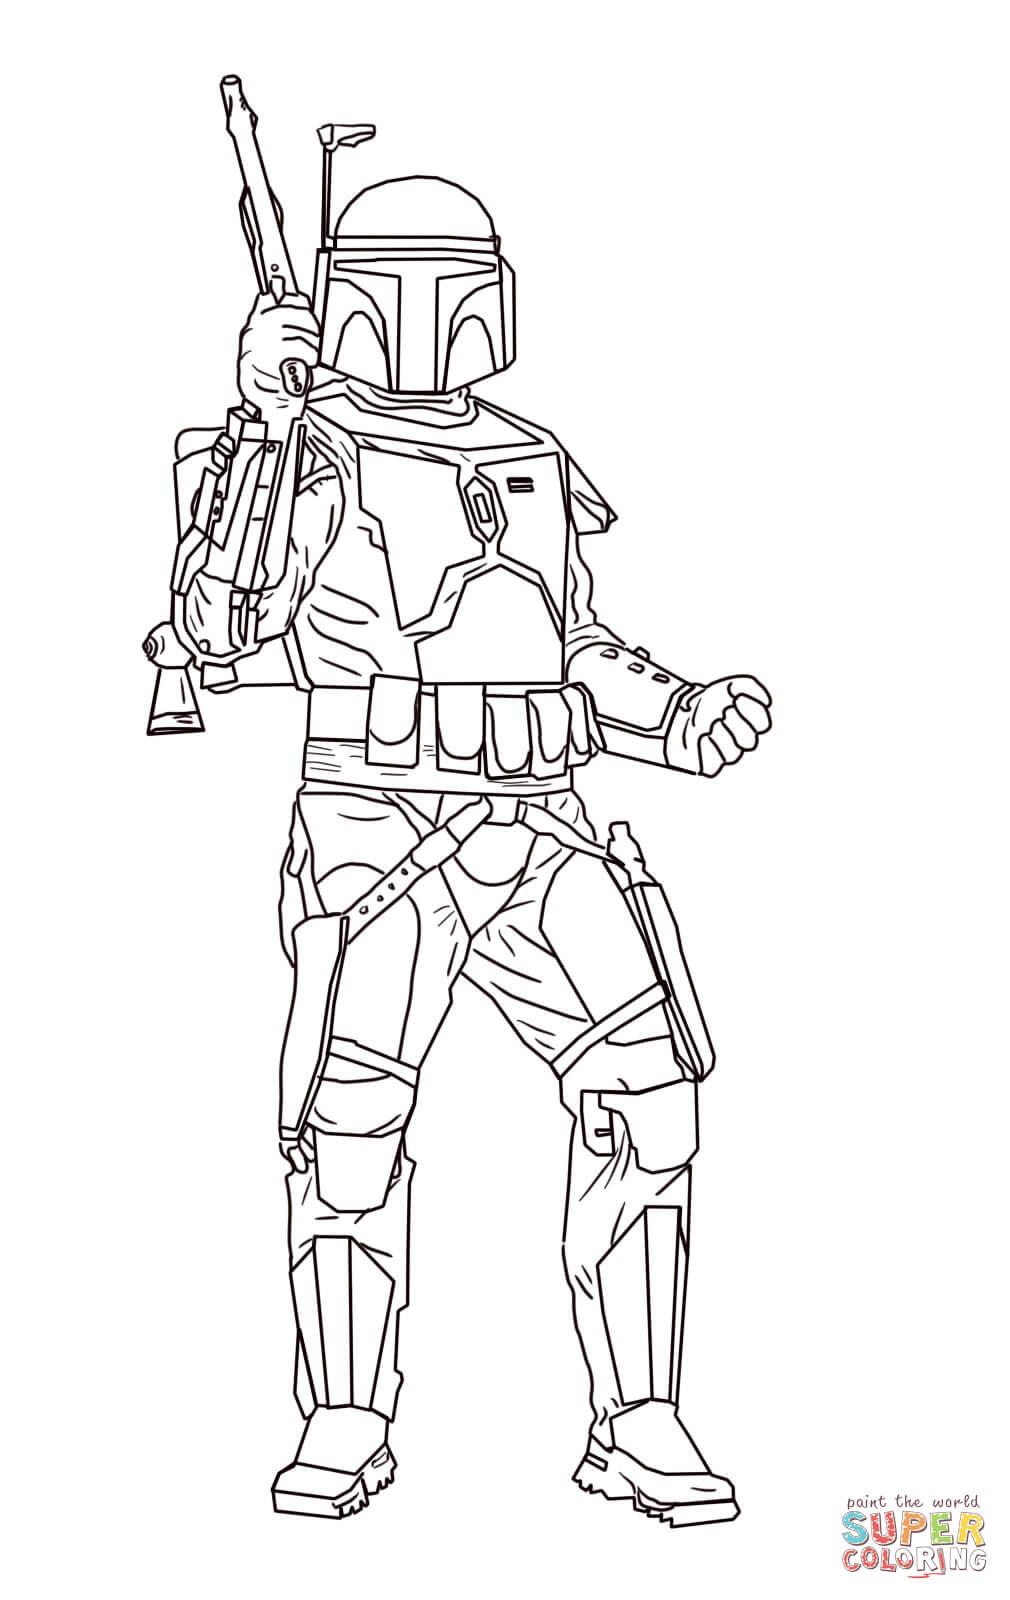 Dibujo de Jango Fett de Star Wars: El Ataque de los Clones